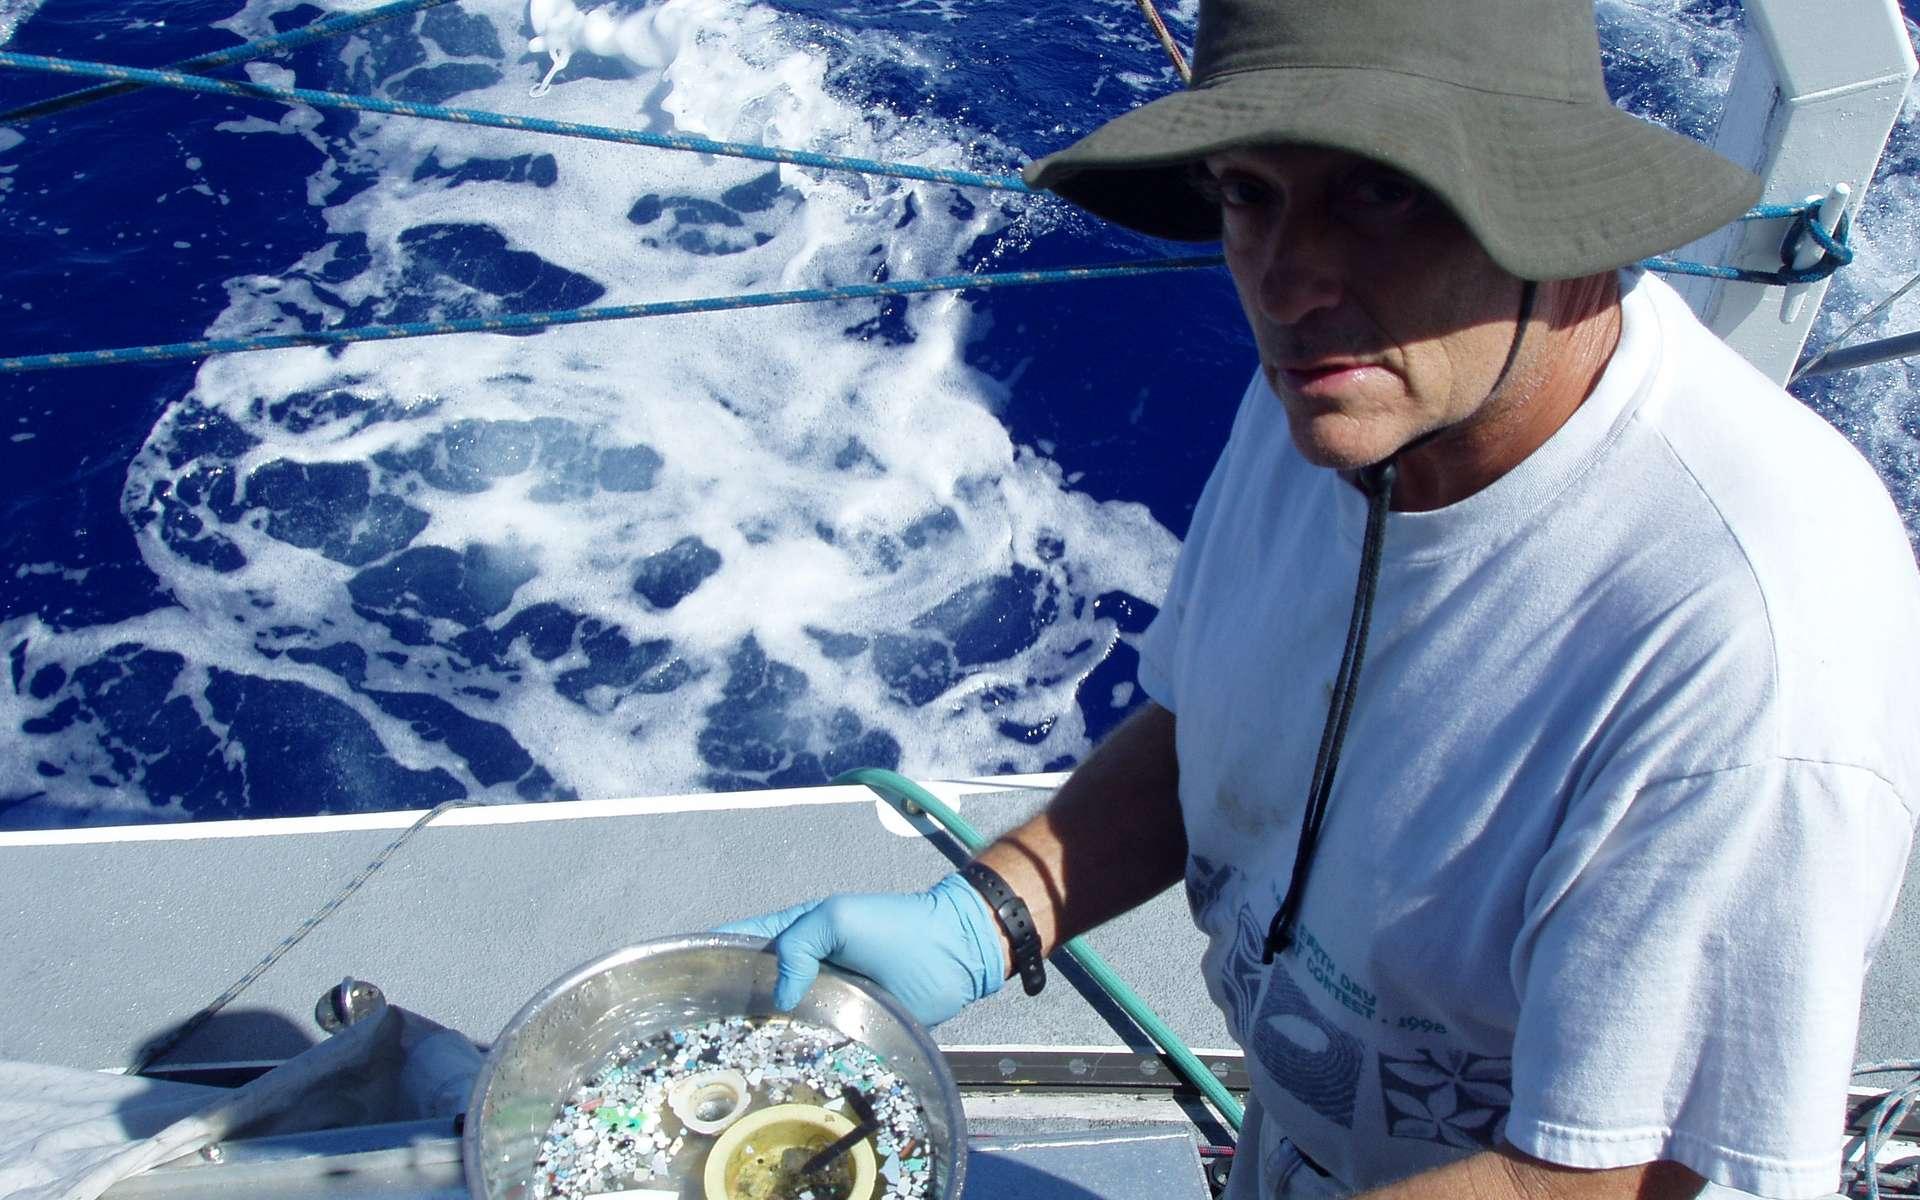 Charles Moore à bord de l'Algalita en campagne d'échantillonnage. Fondateur de l'Algalita Marine Research Institue, il est le premier à avoir lancé un appel de sensibilisation sur le problème du plastique dans les océans. « Chaque fois que je venais sur le pont pour surveiller l'horizon, je voyais une bouteille de savon, une capsule de bouteille ou un tesson de déchet plastique. J'étais là au milieu de l'océan, et il n'y avait nulle part où je pouvais aller pour éviter le plastique », explique-t-il dans sa biographie. © Algalita Marine Research Institute